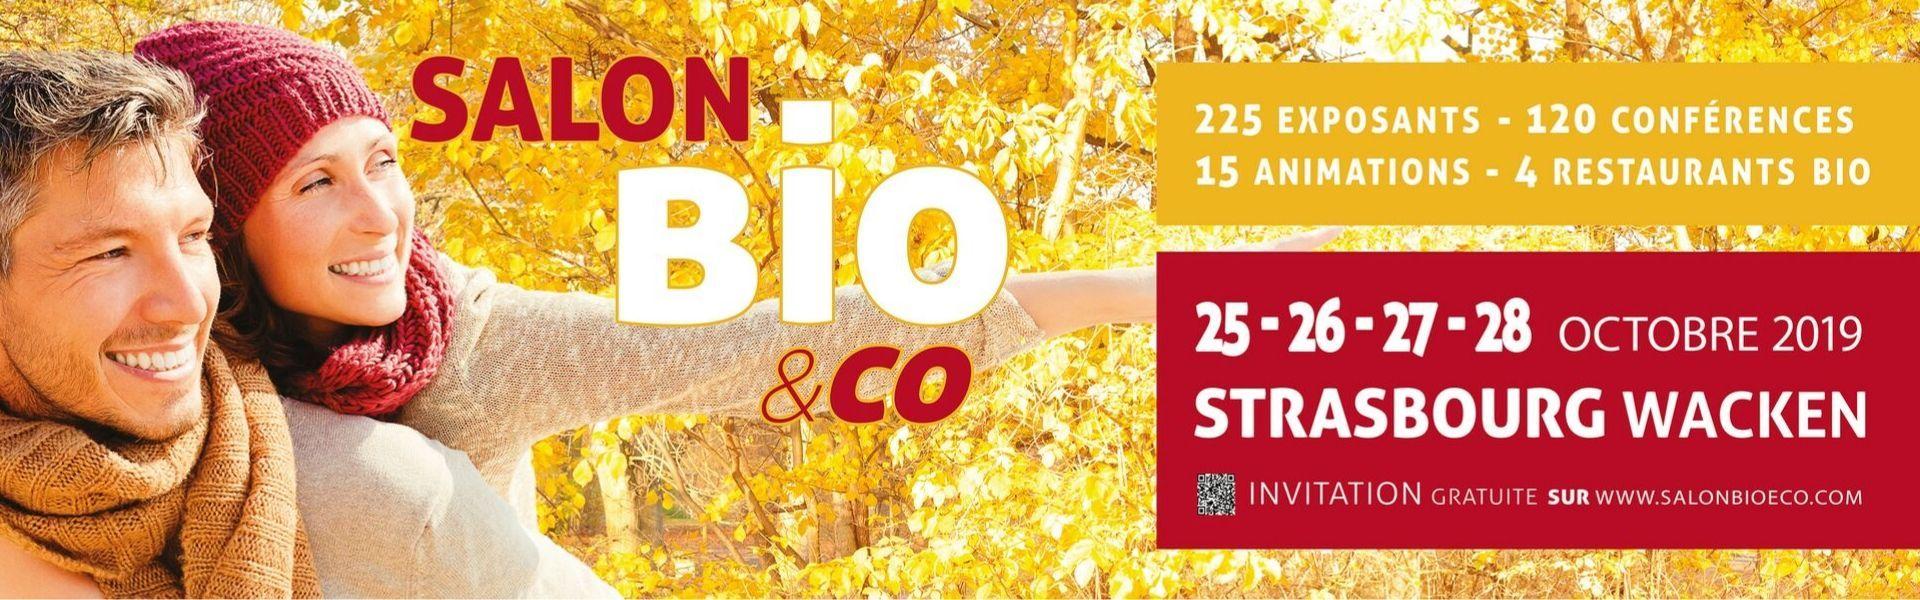 Bannière Salon Bio & Co à Strasbourg en Octobre 2019 sur les médecines douces et la phytothérapie